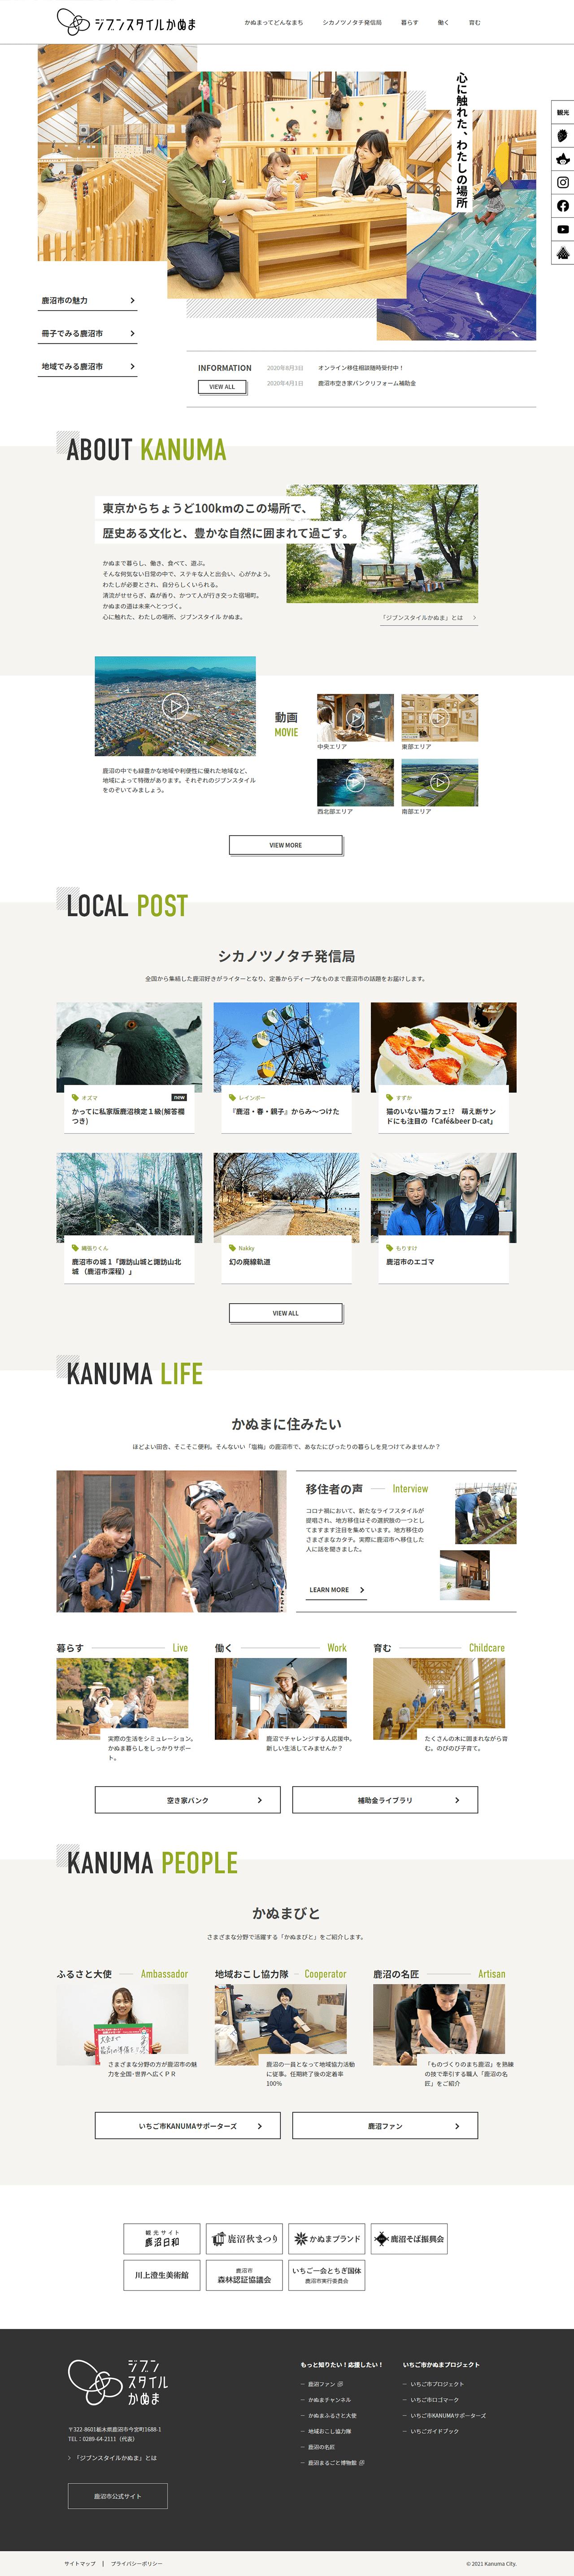 鹿沼市シティプロモーションサイト